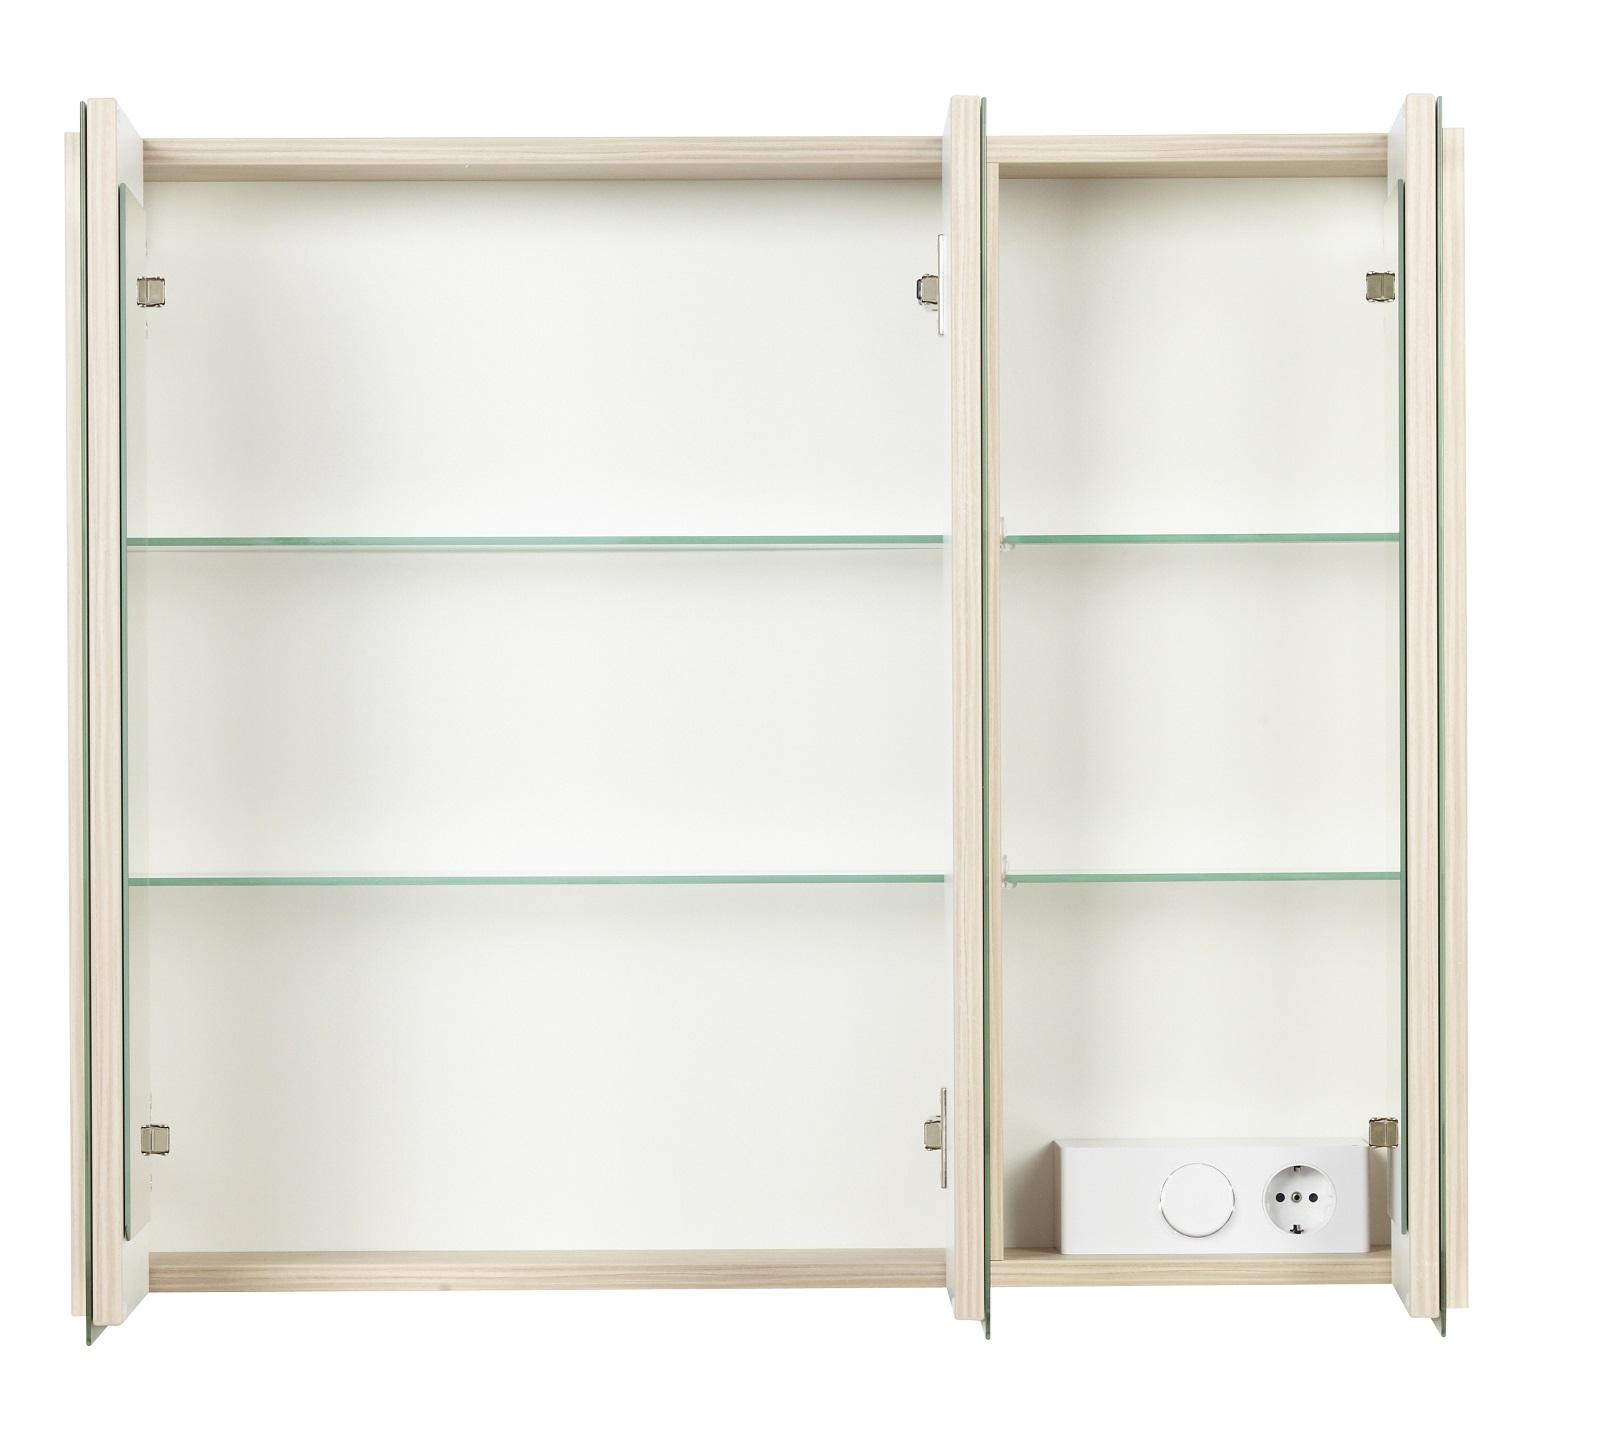 fackelmann spiegelschrank led viora 79 5 cm pinie bad schrank spiegel badm bel ebay. Black Bedroom Furniture Sets. Home Design Ideas